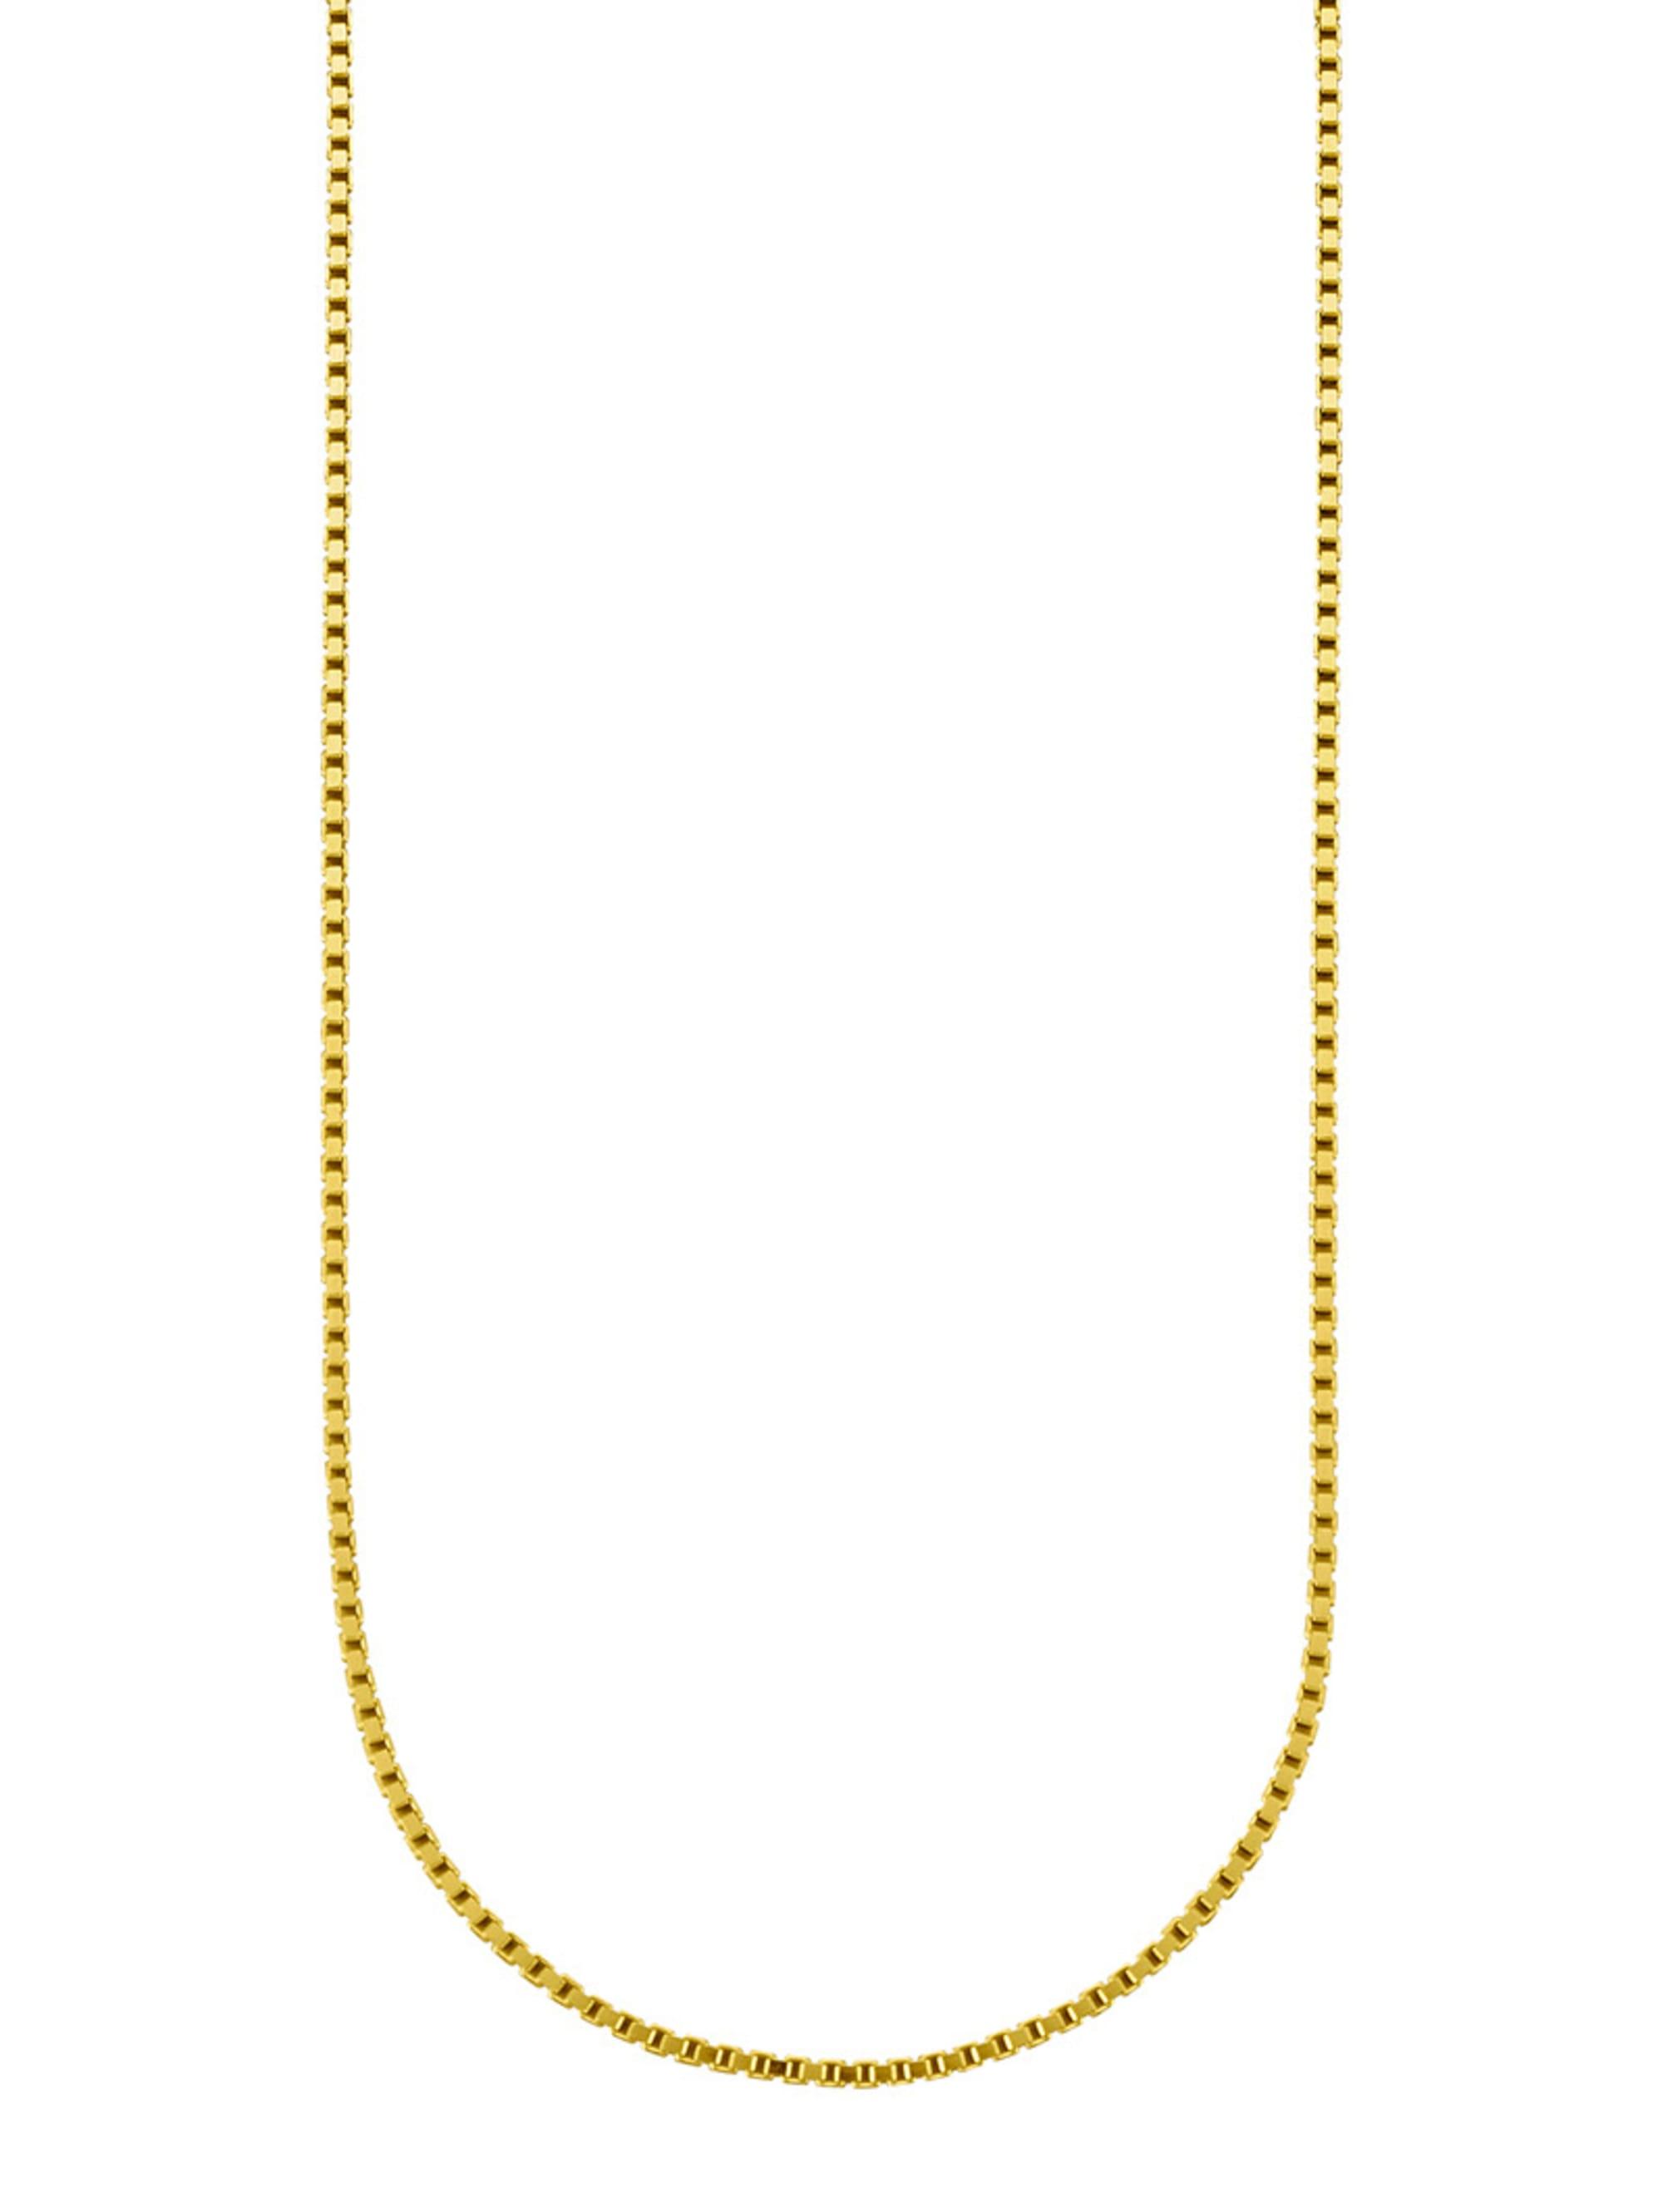 Diemer Gold Venezianerkette in Gelbgold 585 8hoMl